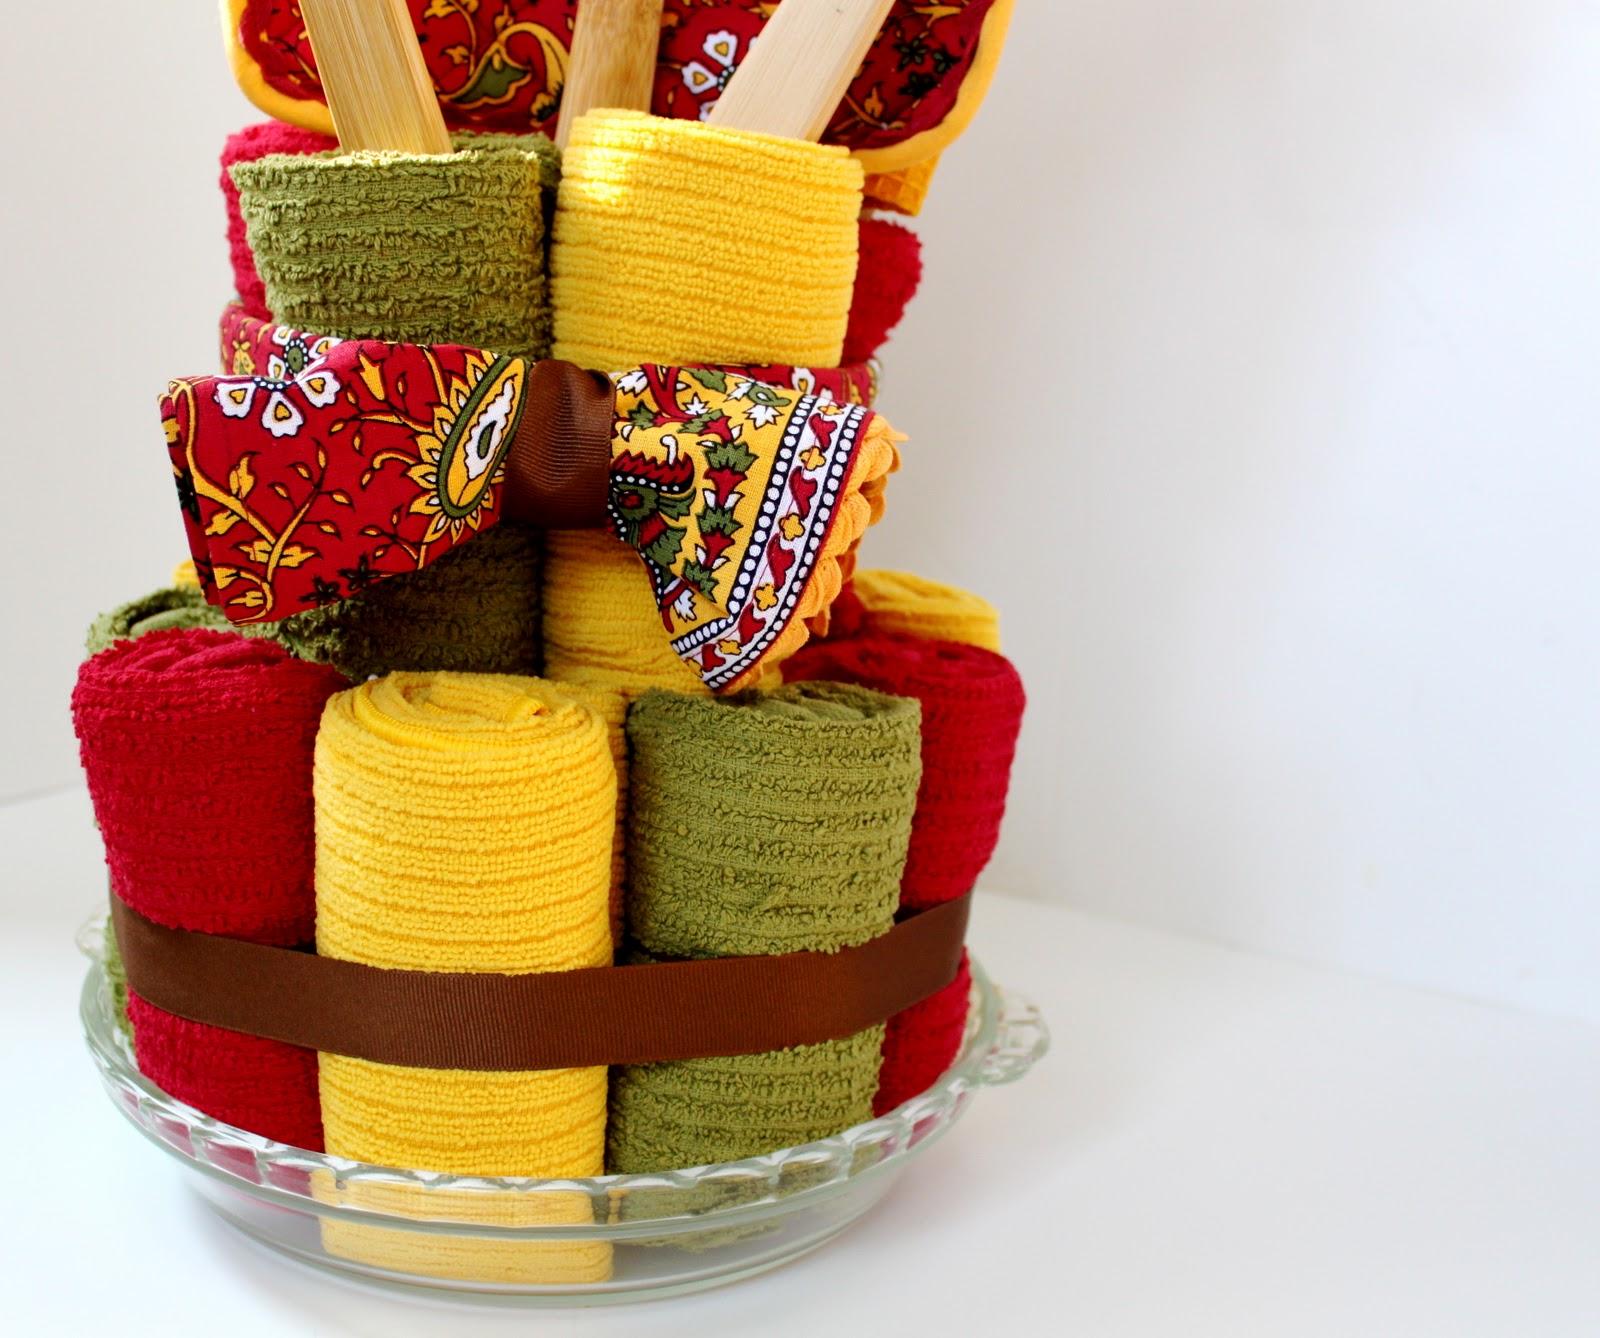 How To Make A Tea Towel Cake